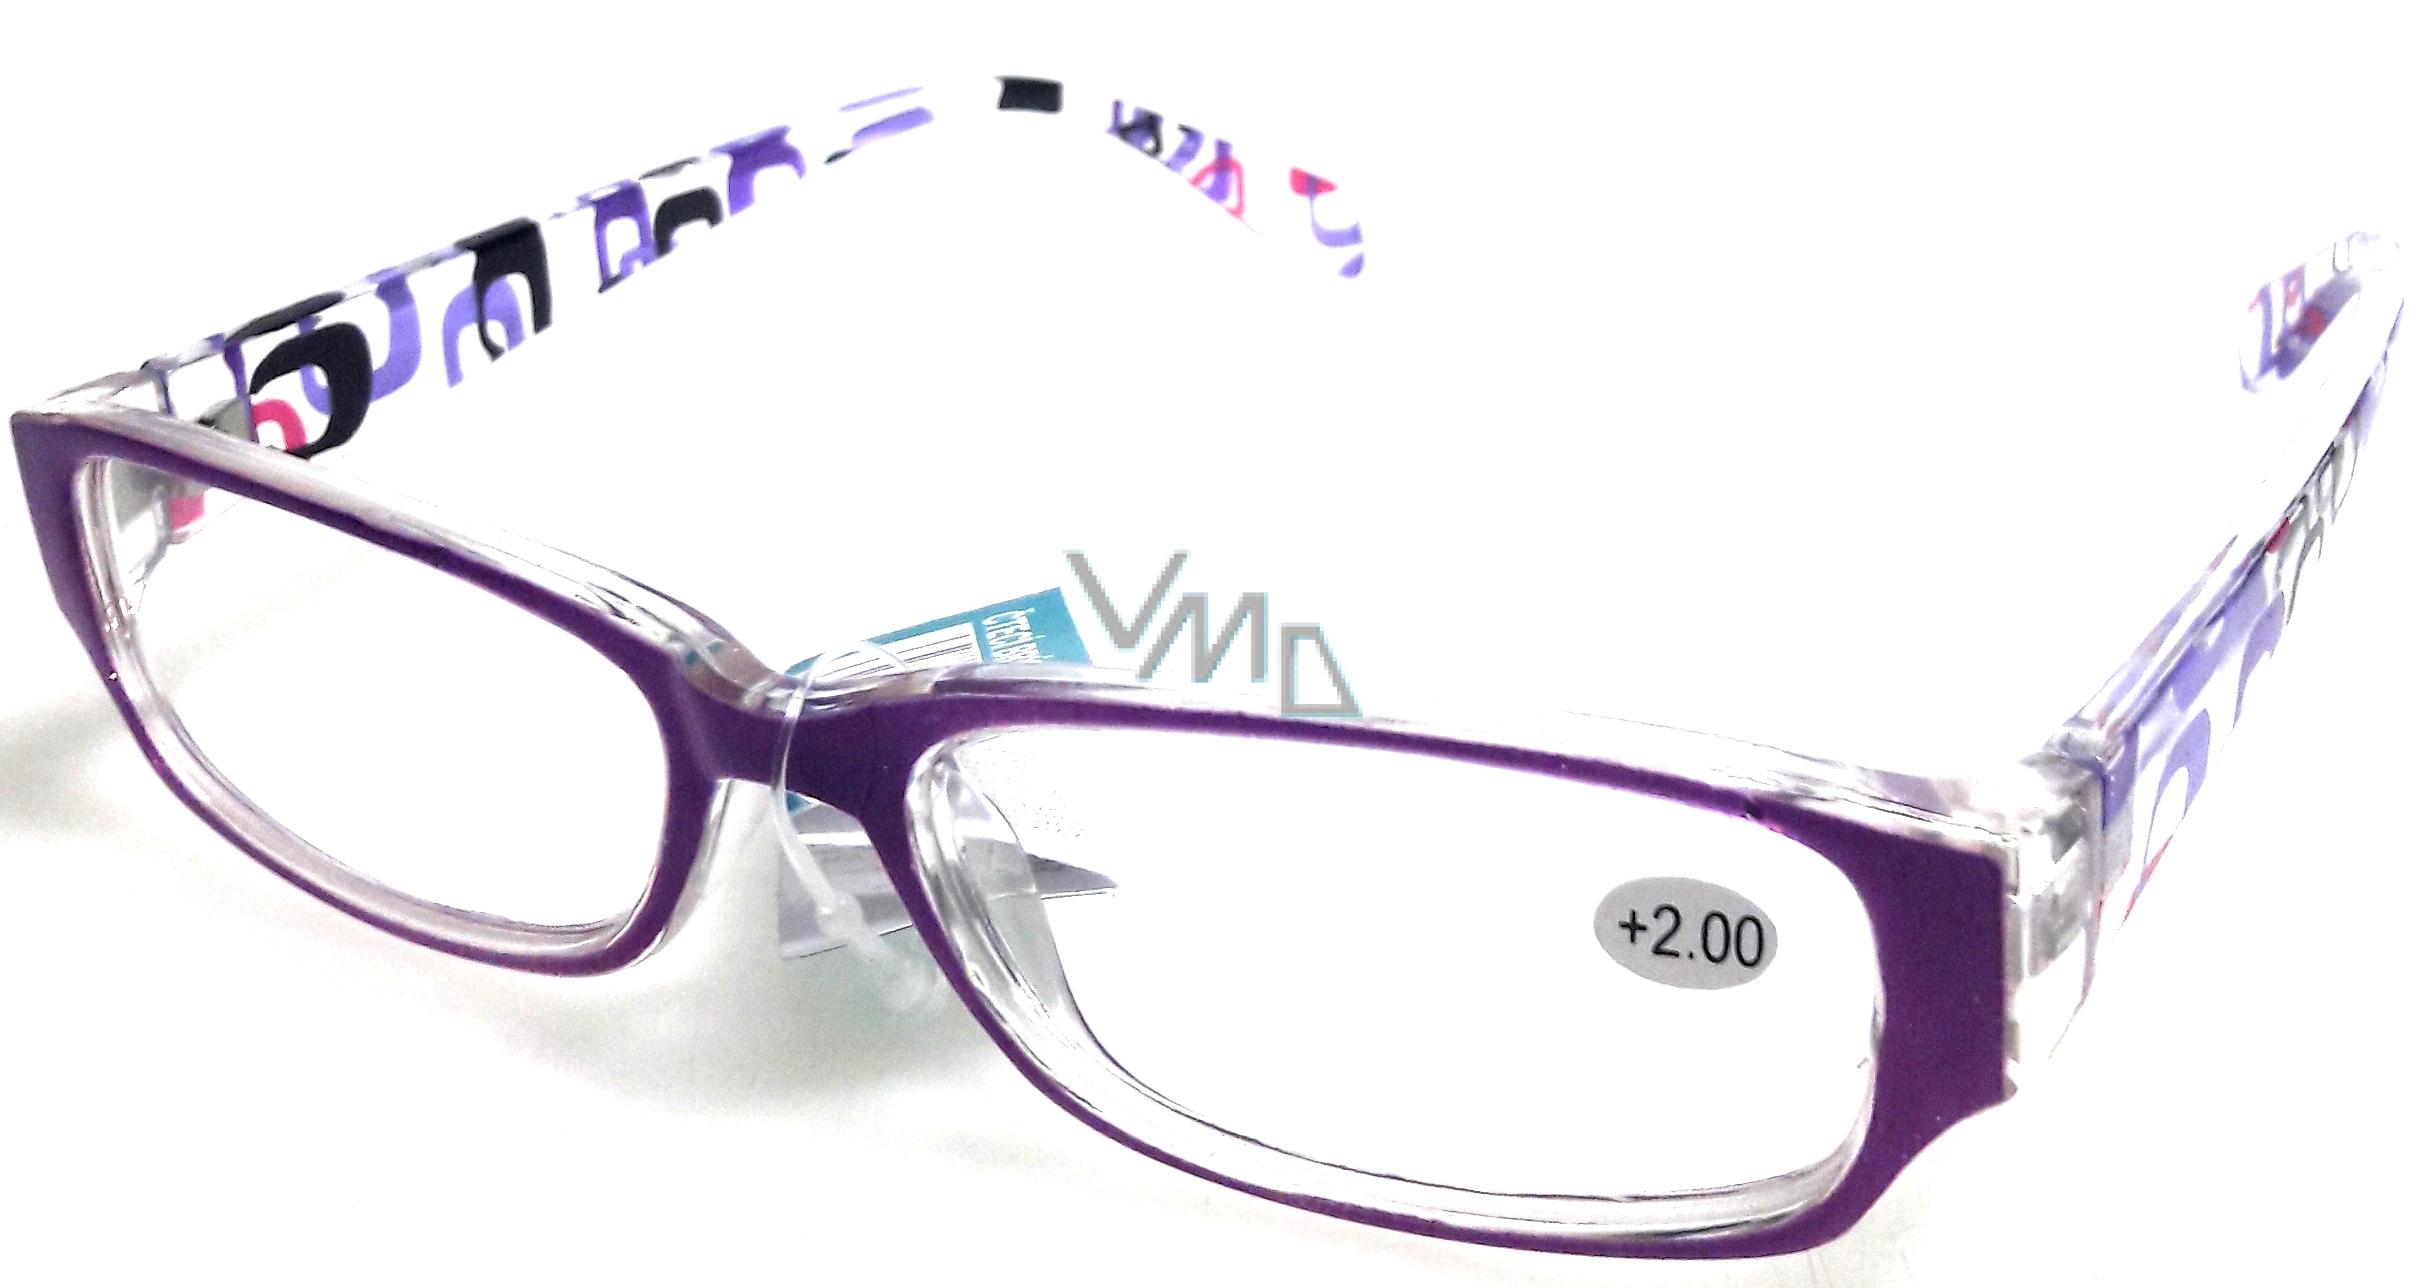 ad9c40215 Berkeley Čtecí dioptrické brýle +2,0 plast fialové stranice s obdelníky 1  kus MC2084